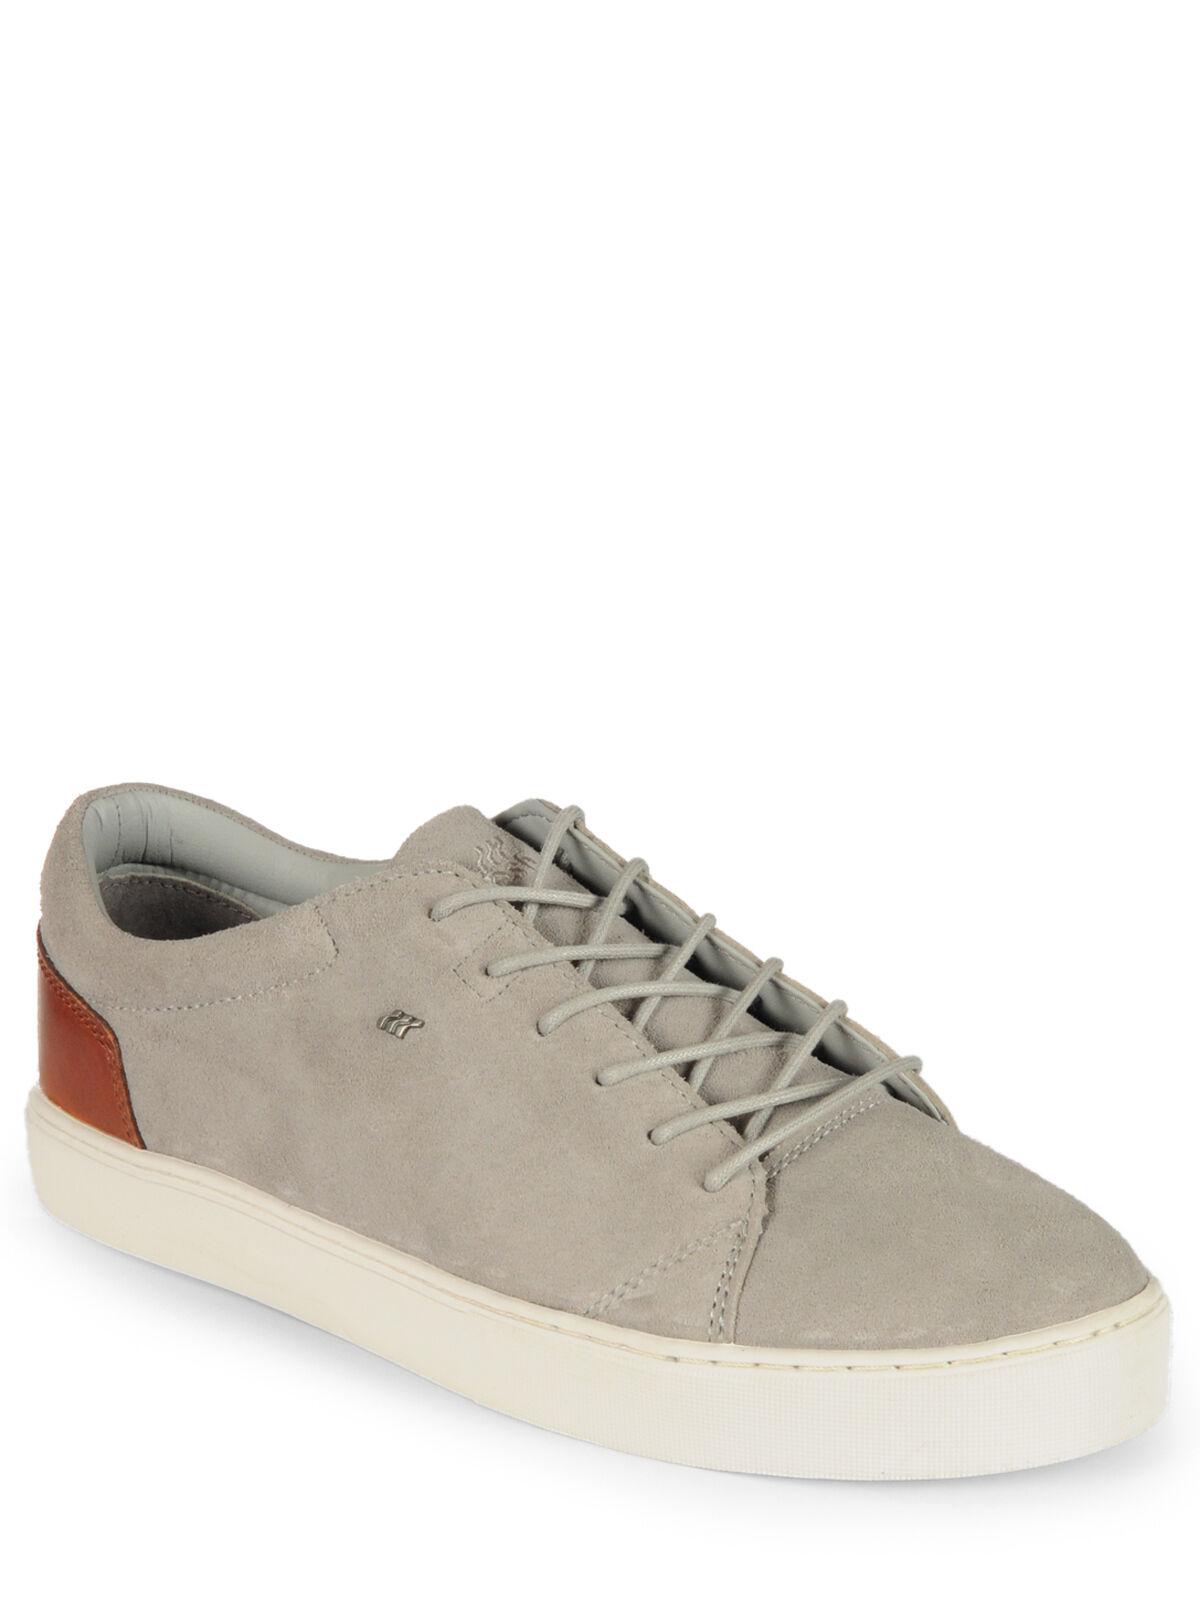 Boxfresh Para Hombre Snkr Lea Gamuza   aprobado Zapatos gris   Picante